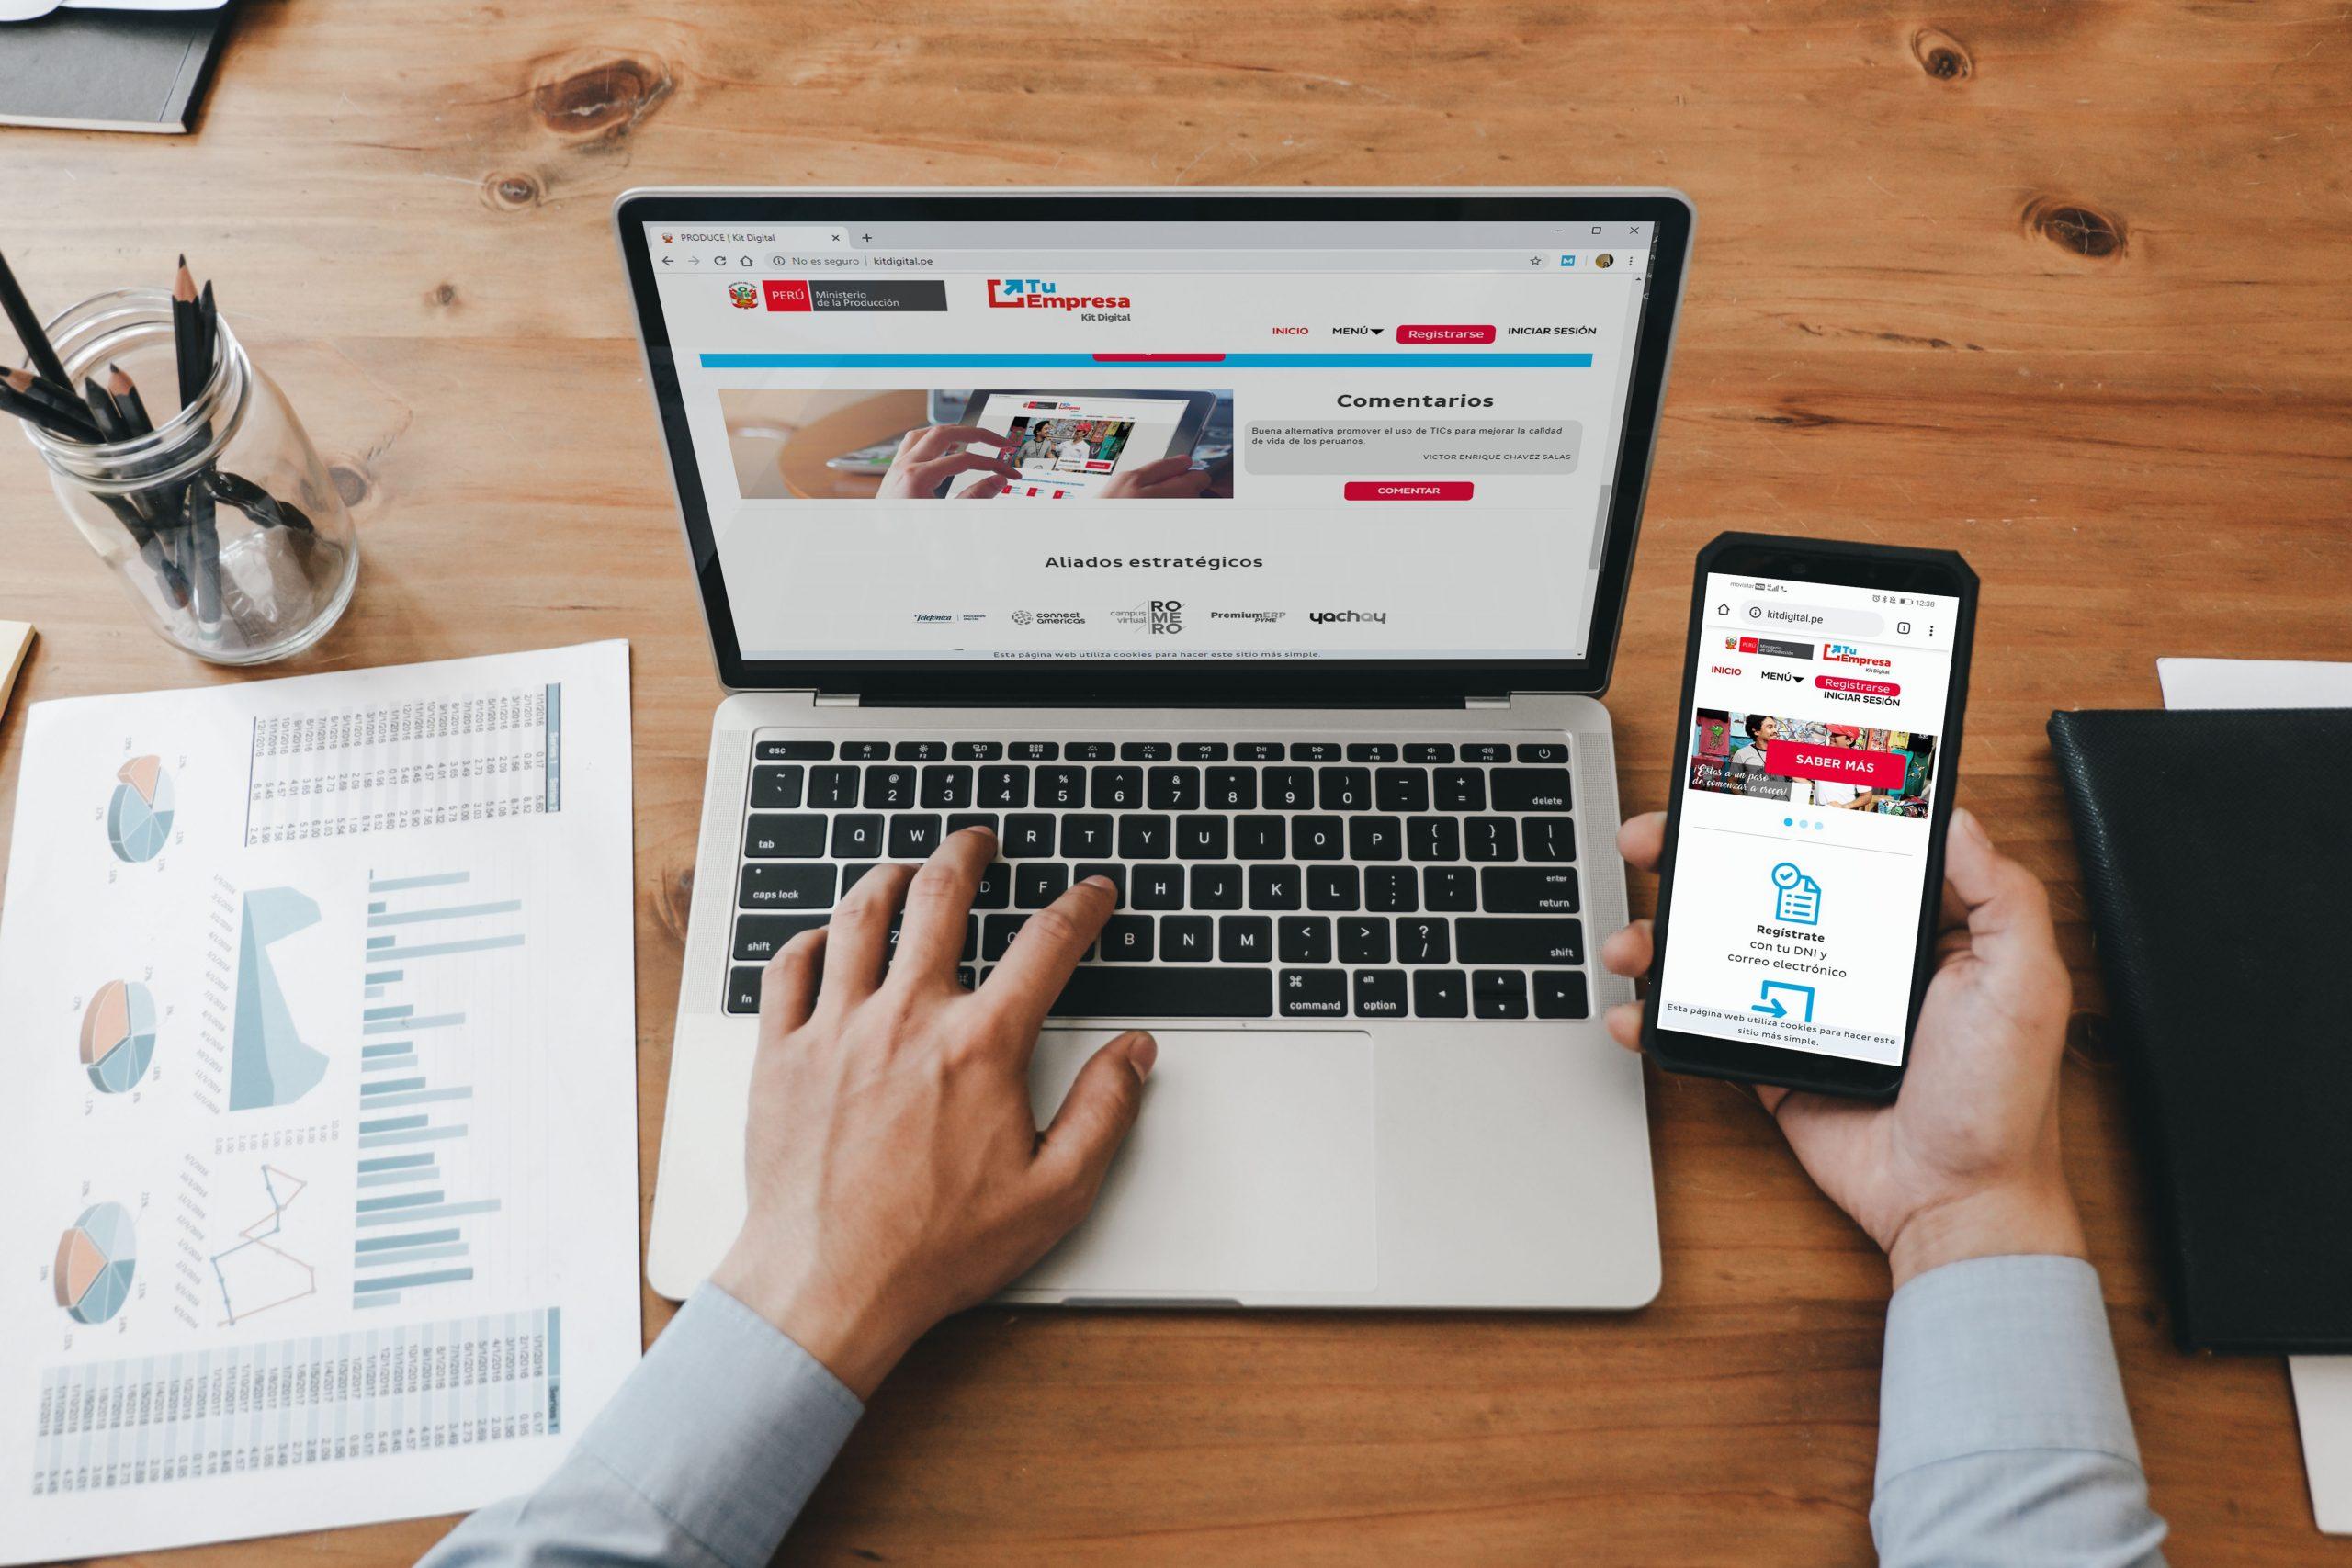 Ventas de mypes crecerían 60% con e-commerce